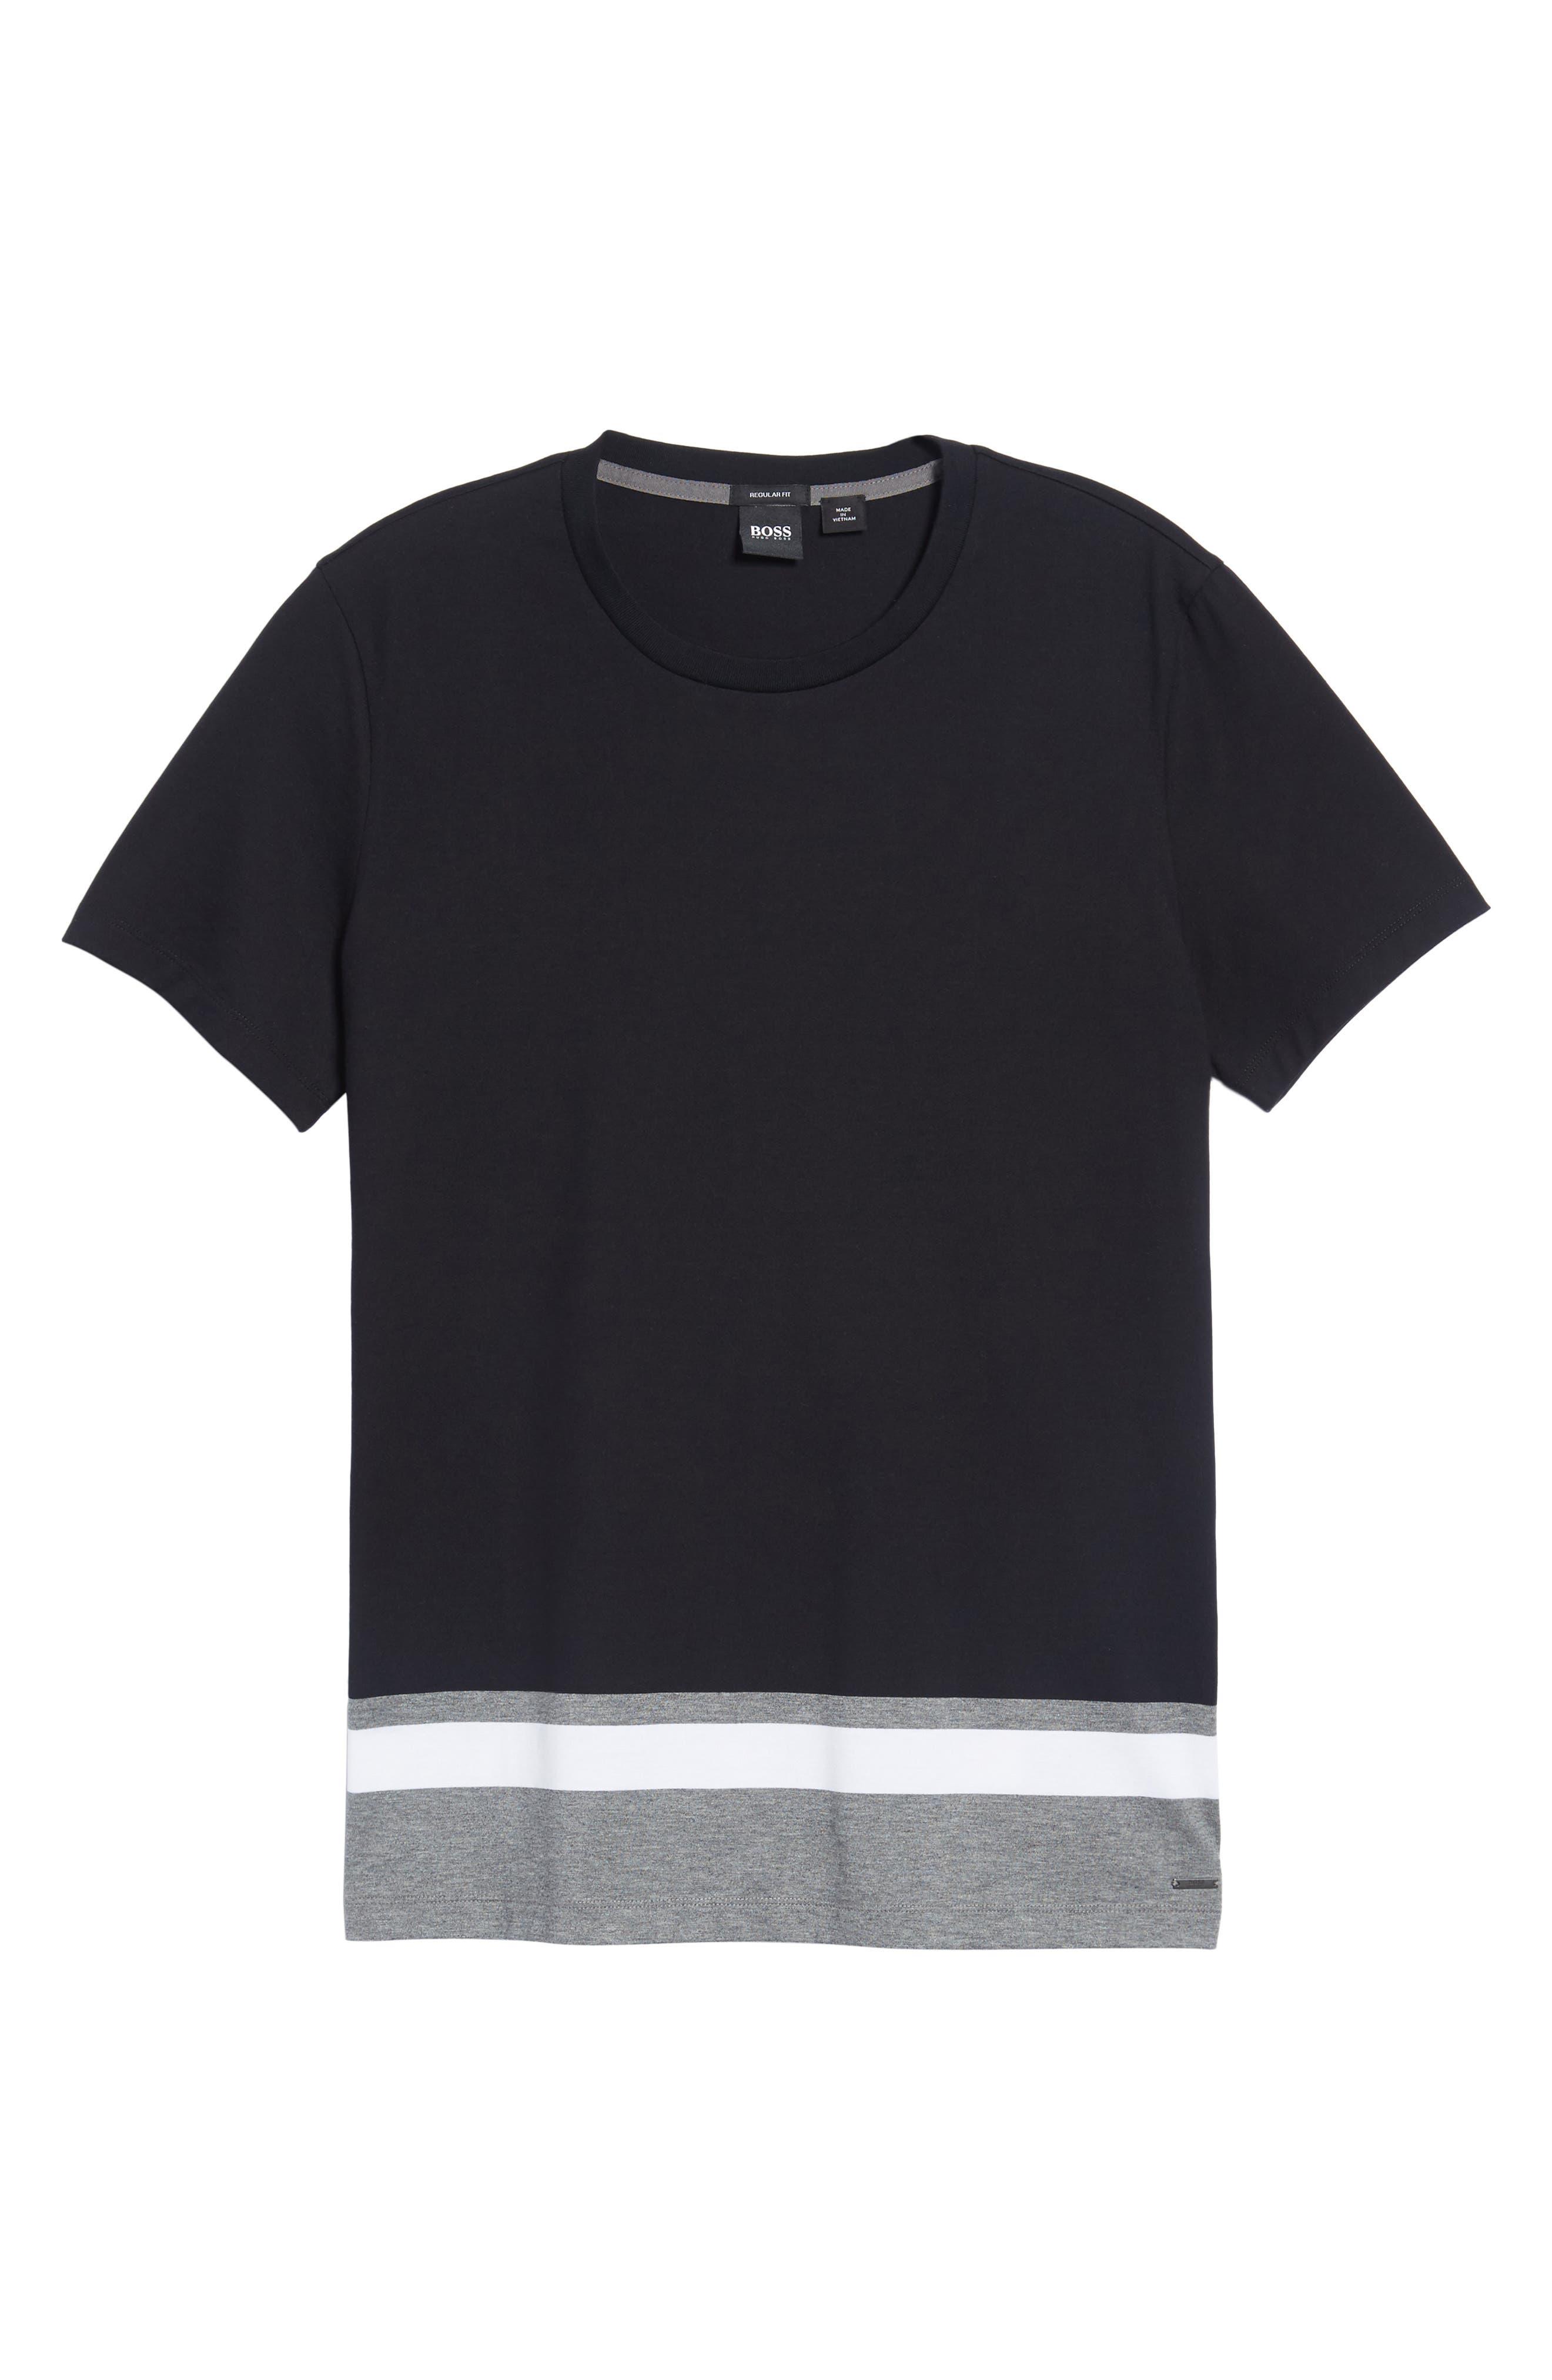 Tiburt Colorblock T-Shirt,                             Alternate thumbnail 6, color,                             Black